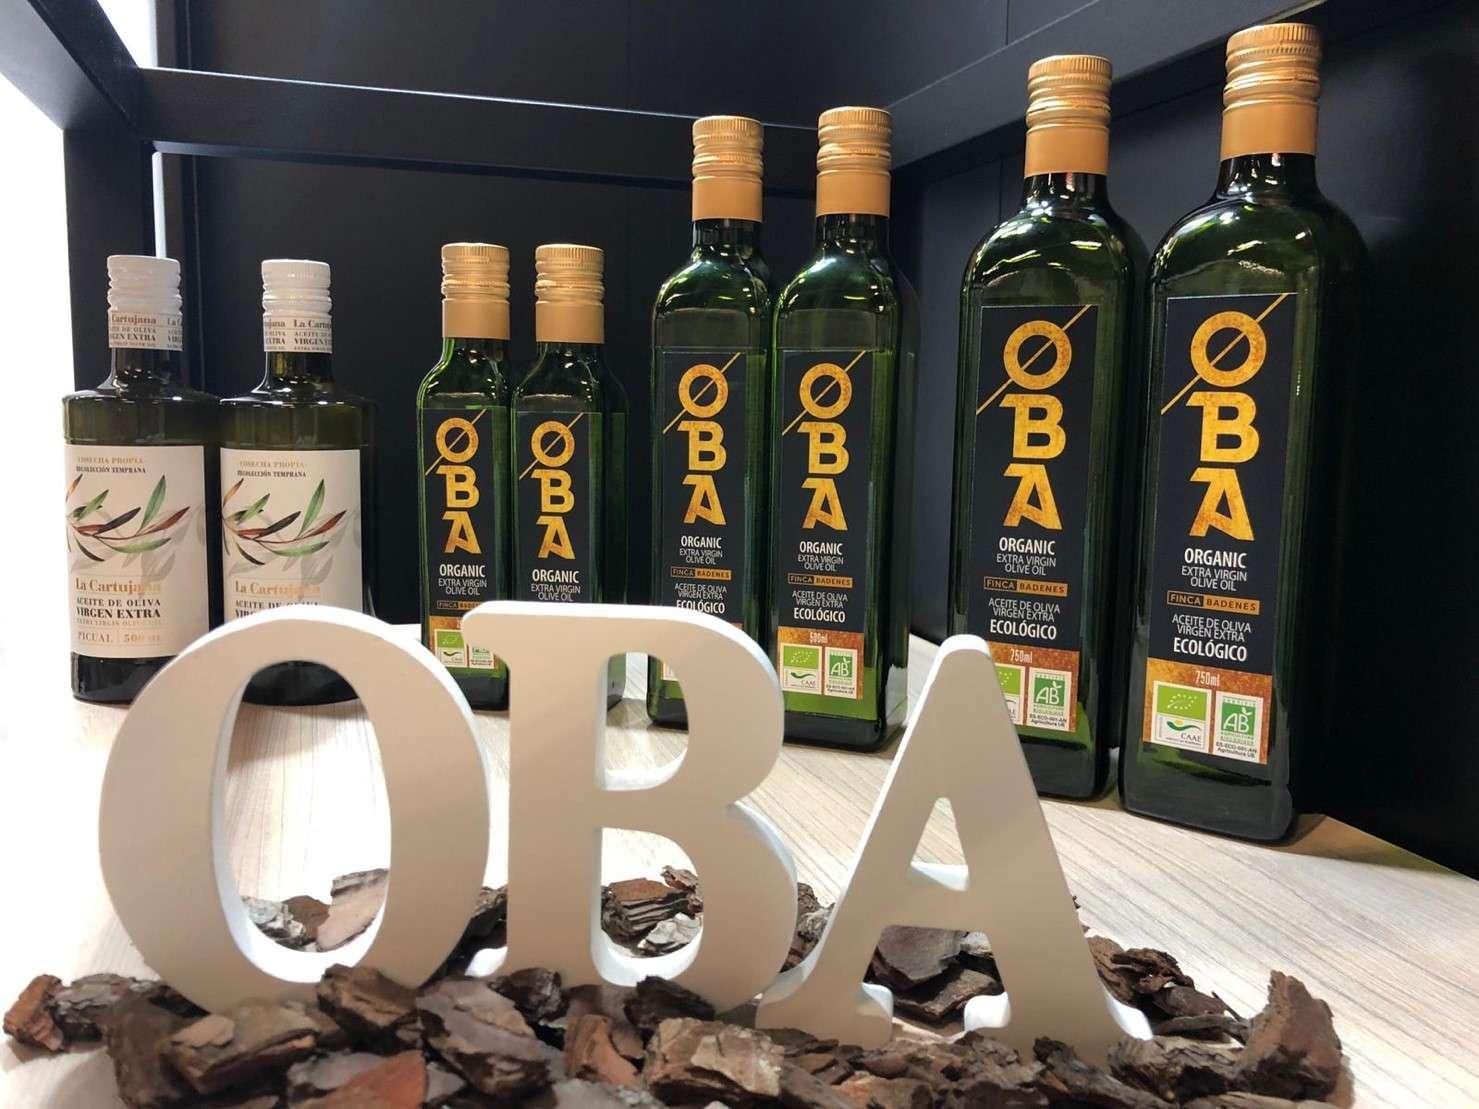 甚麼原因讓它們成為團購熱銷! 月銷售破百萬!?推薦西班牙頂級初榨橄欖油